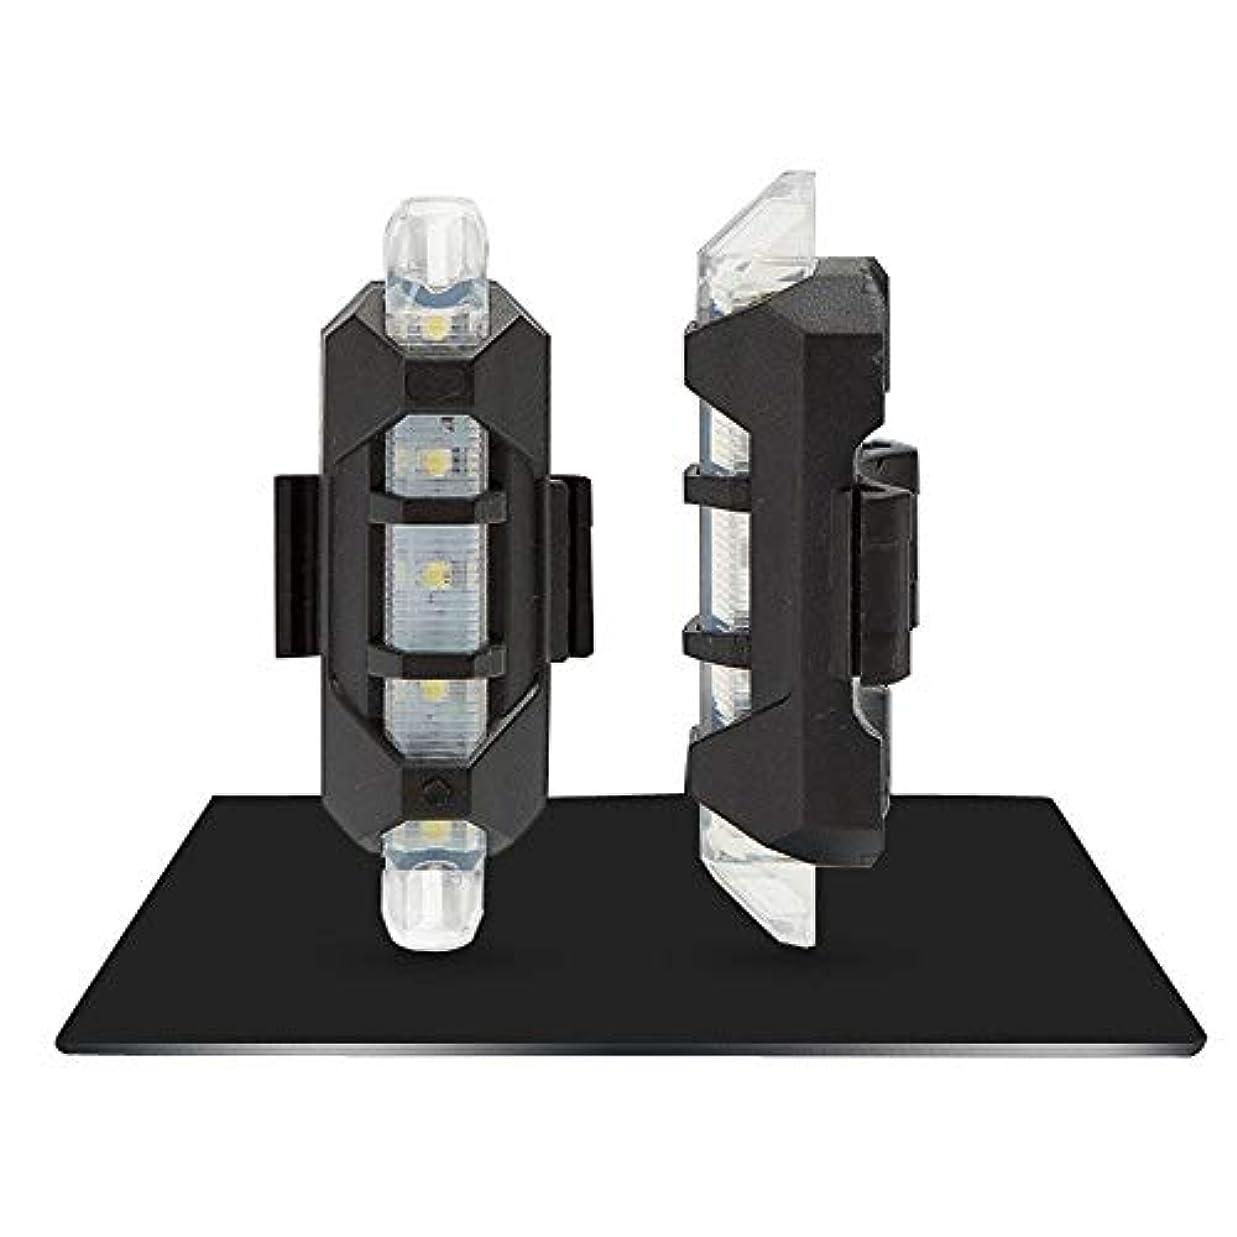 関数蜜ゲートウェイUSB充電式自転車ライト USB充電式自転車ライトフロントおよびテールセット5 LED 3モードヘッドバックバイク点滅安全警告ランプ(1 PC) (Color : WHITE)